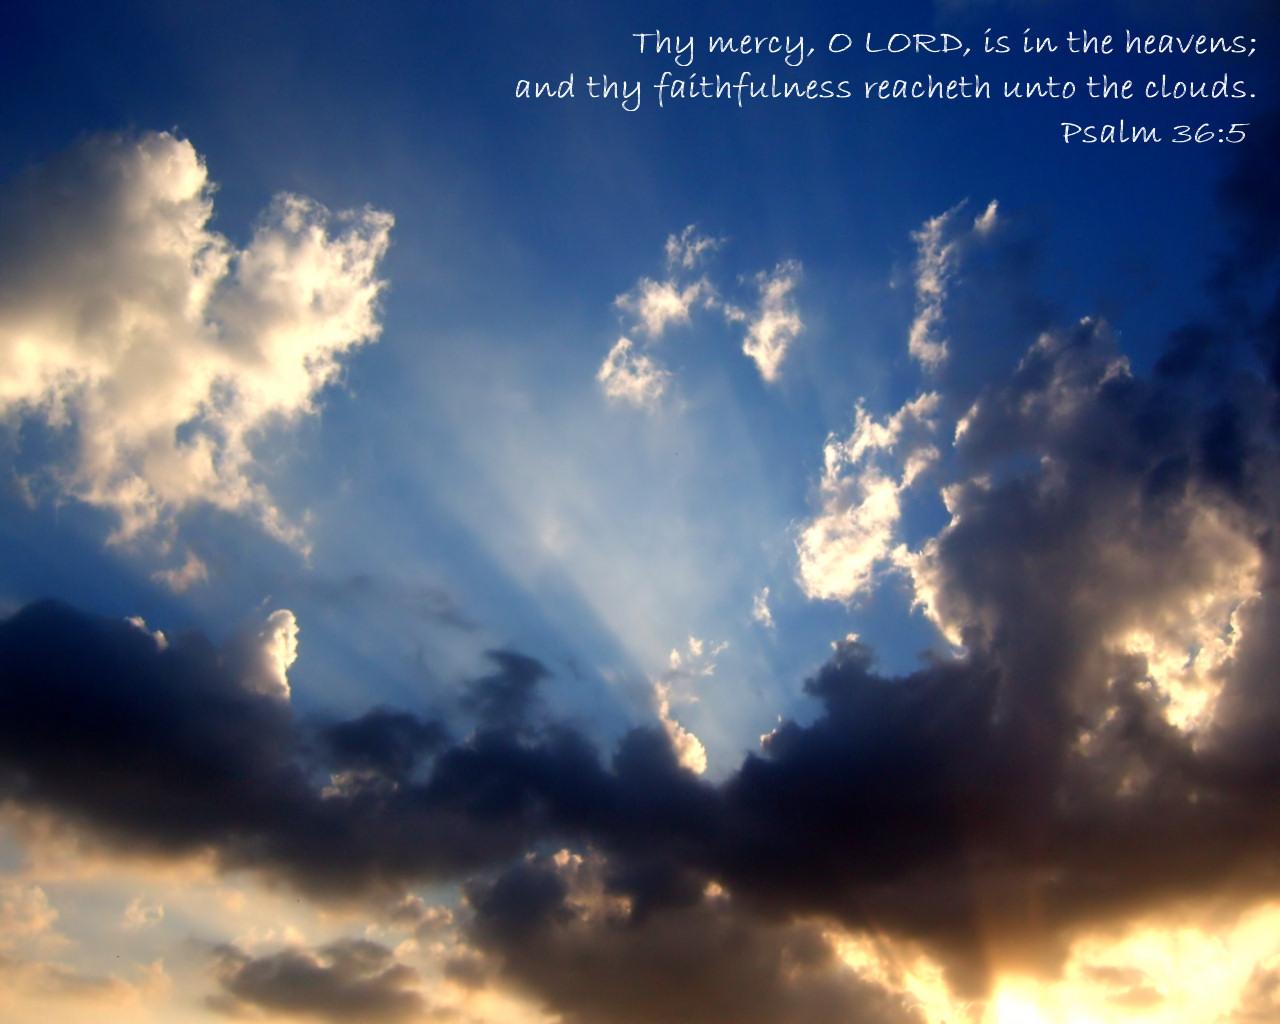 http://1.bp.blogspot.com/-gayg3CPv6eo/TsSpkN6yhYI/AAAAAAAABco/6jPxqepiSbU/s1600/Inspirational-Psalm-Bible-quotes.jpg